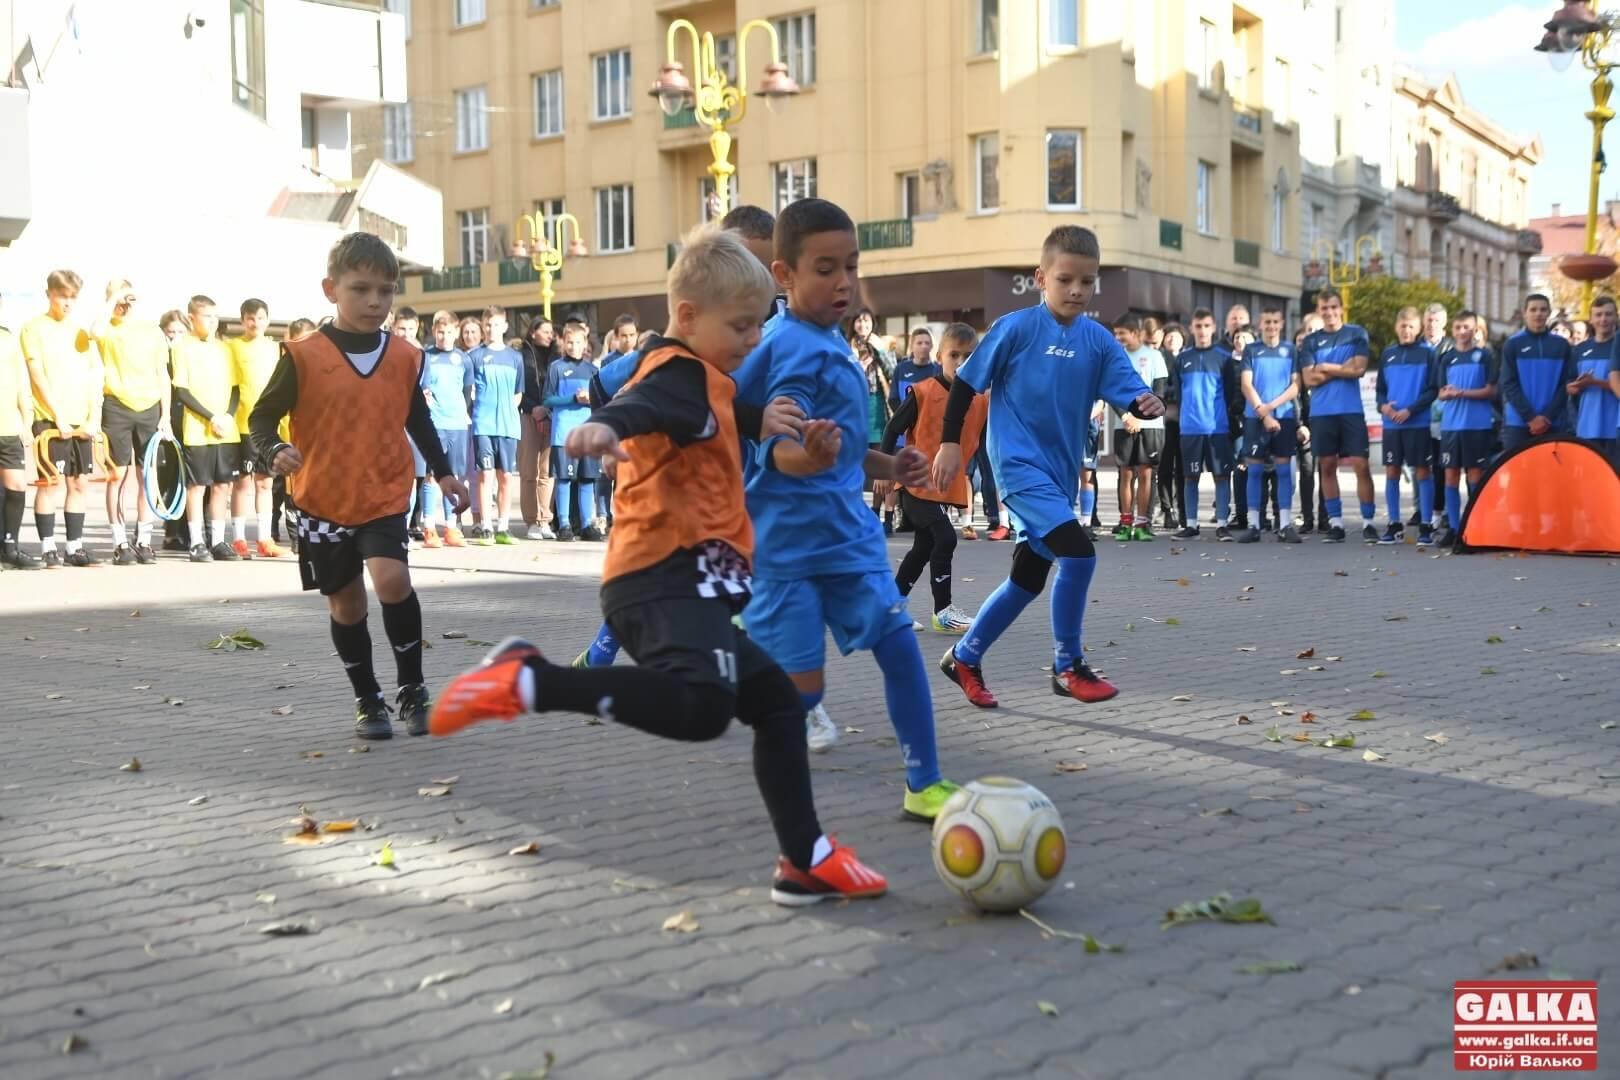 Юні футболісти яскраво презентували клуб